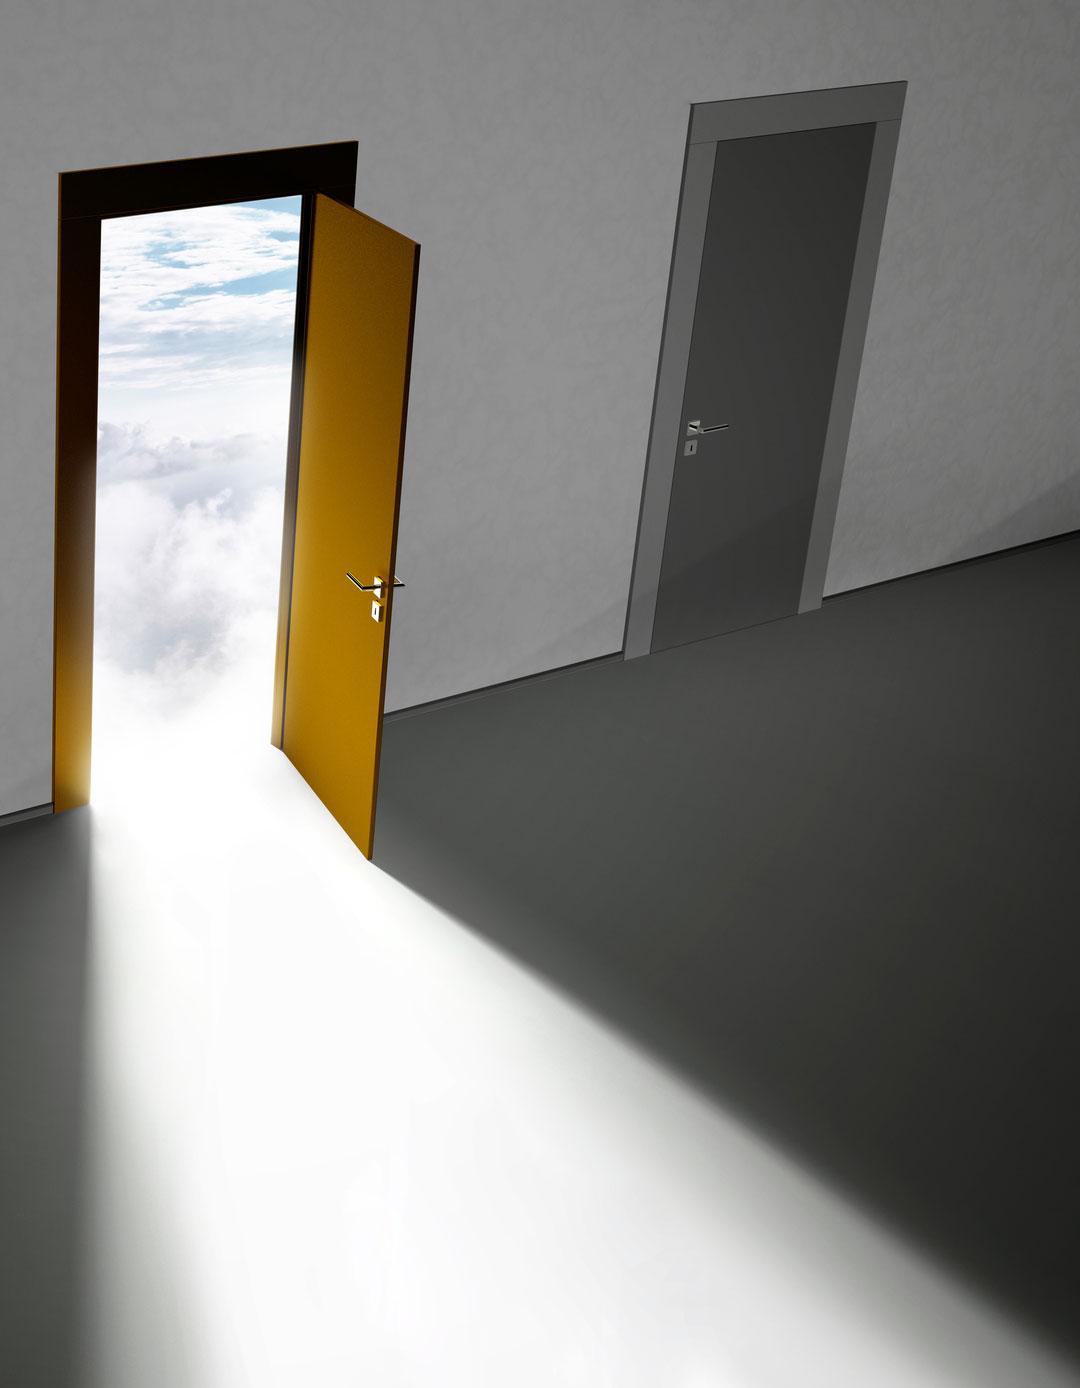 åpne en dør